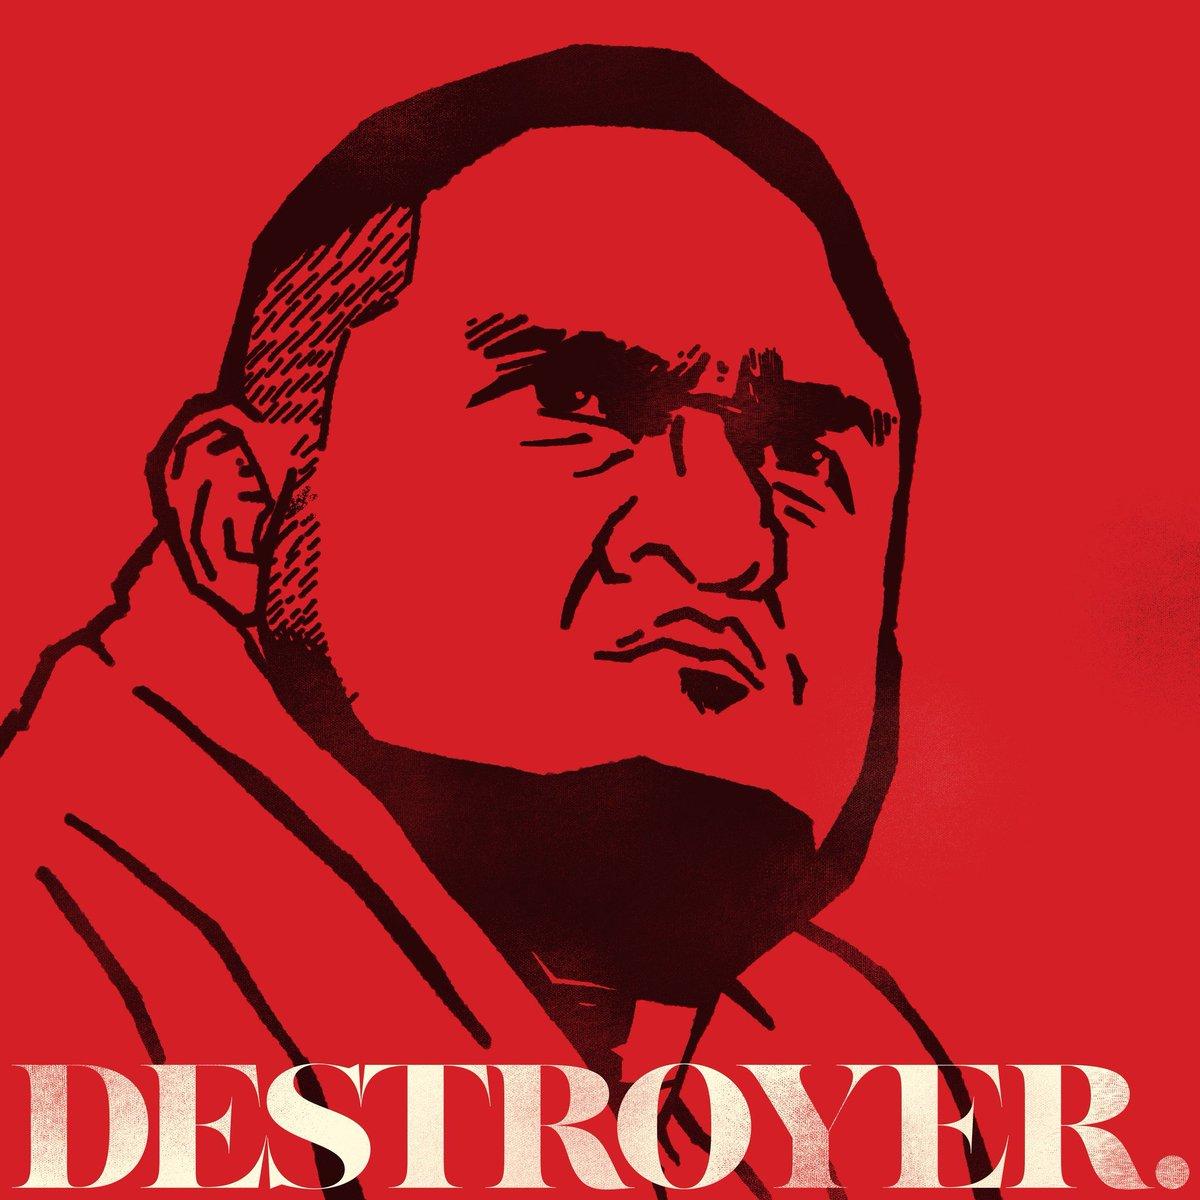 #repost @SamoaJoe fanart.